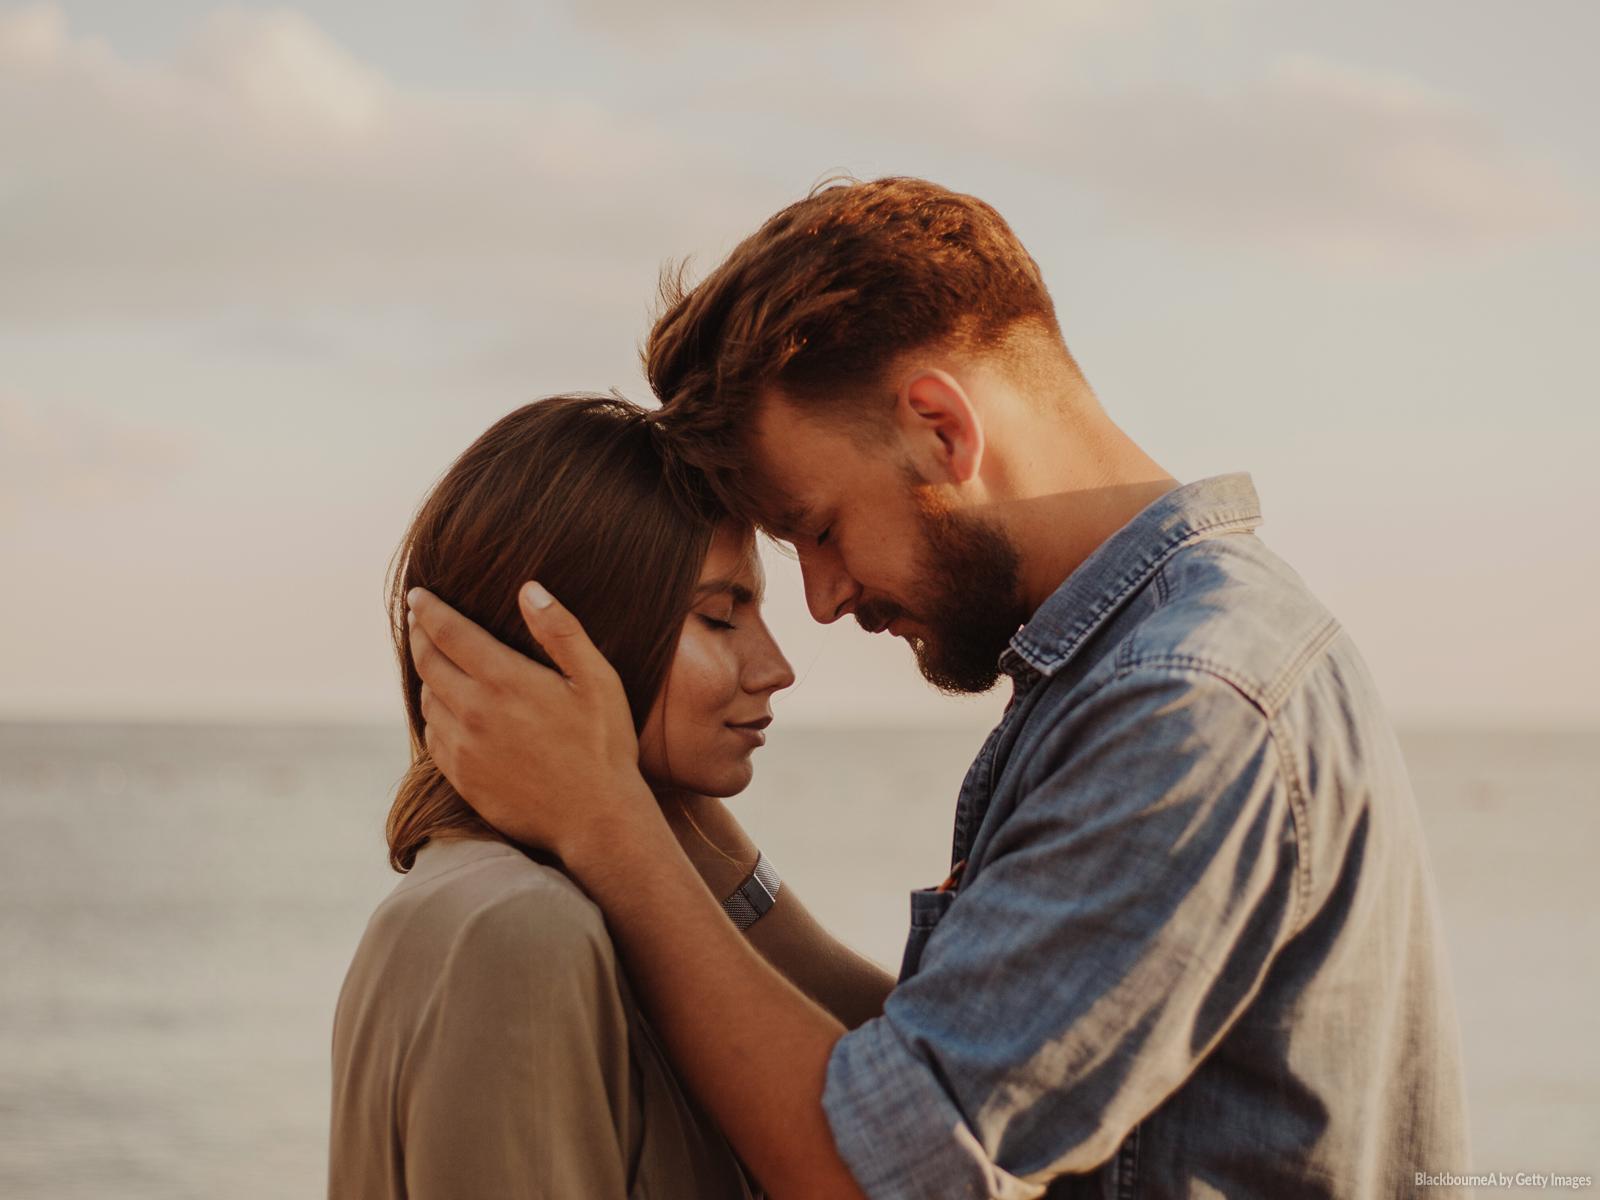 O-verdadeiro-amor-vai-além-das-expectativas-que-trazemos-no-coração